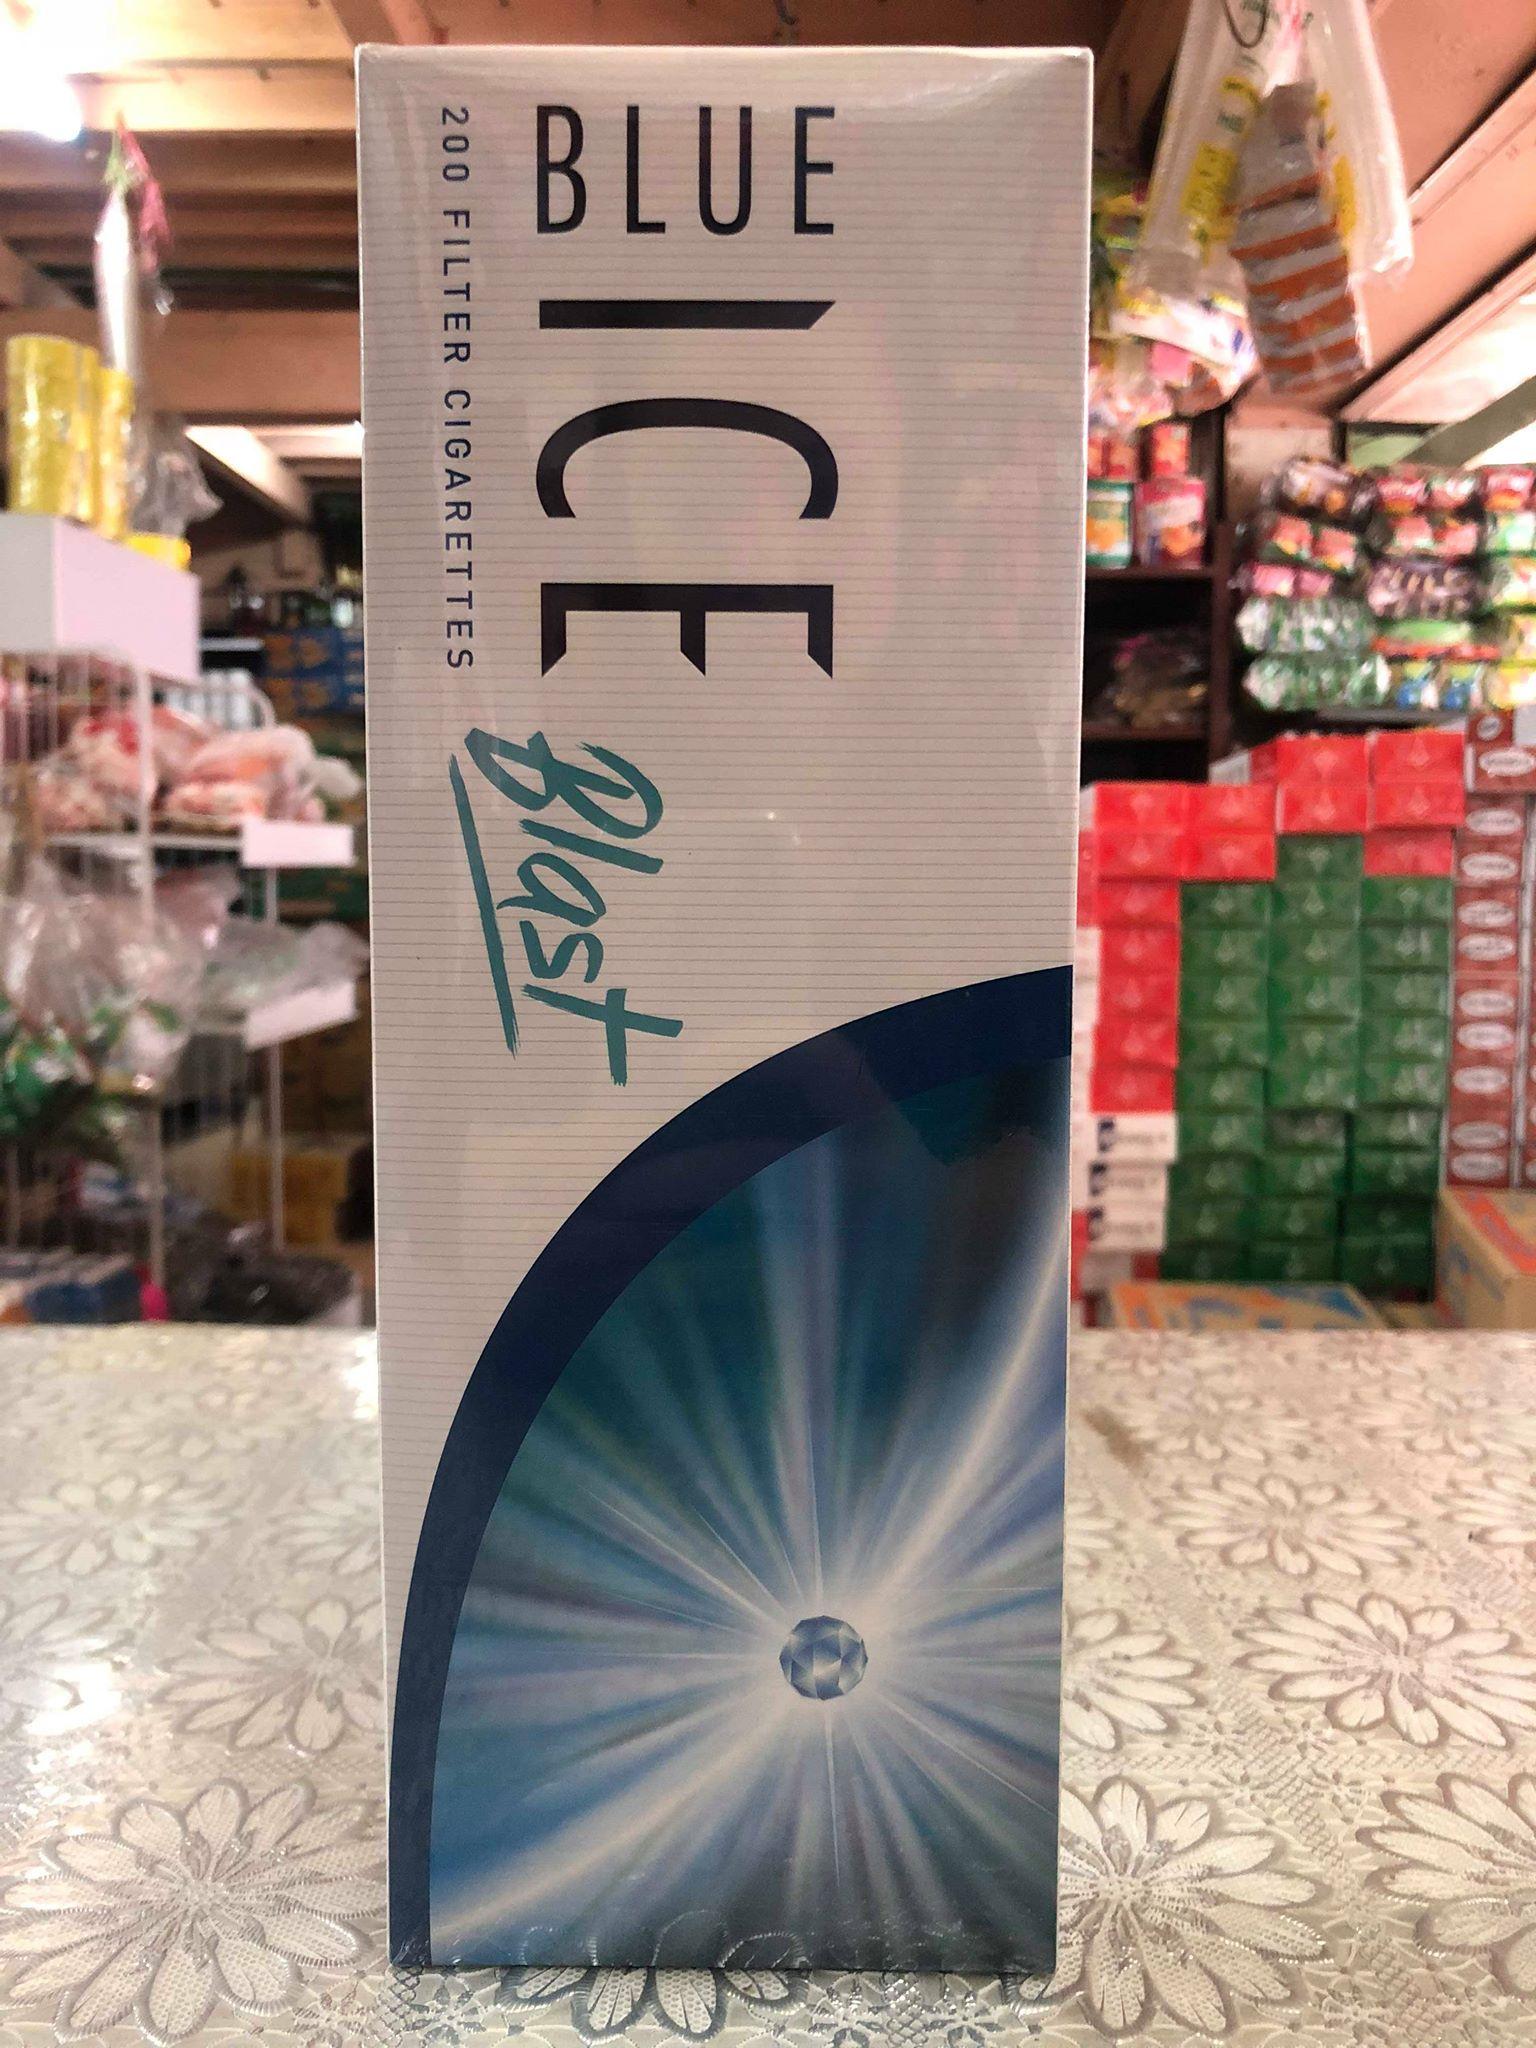 Blue Ice Blast Slim Filter